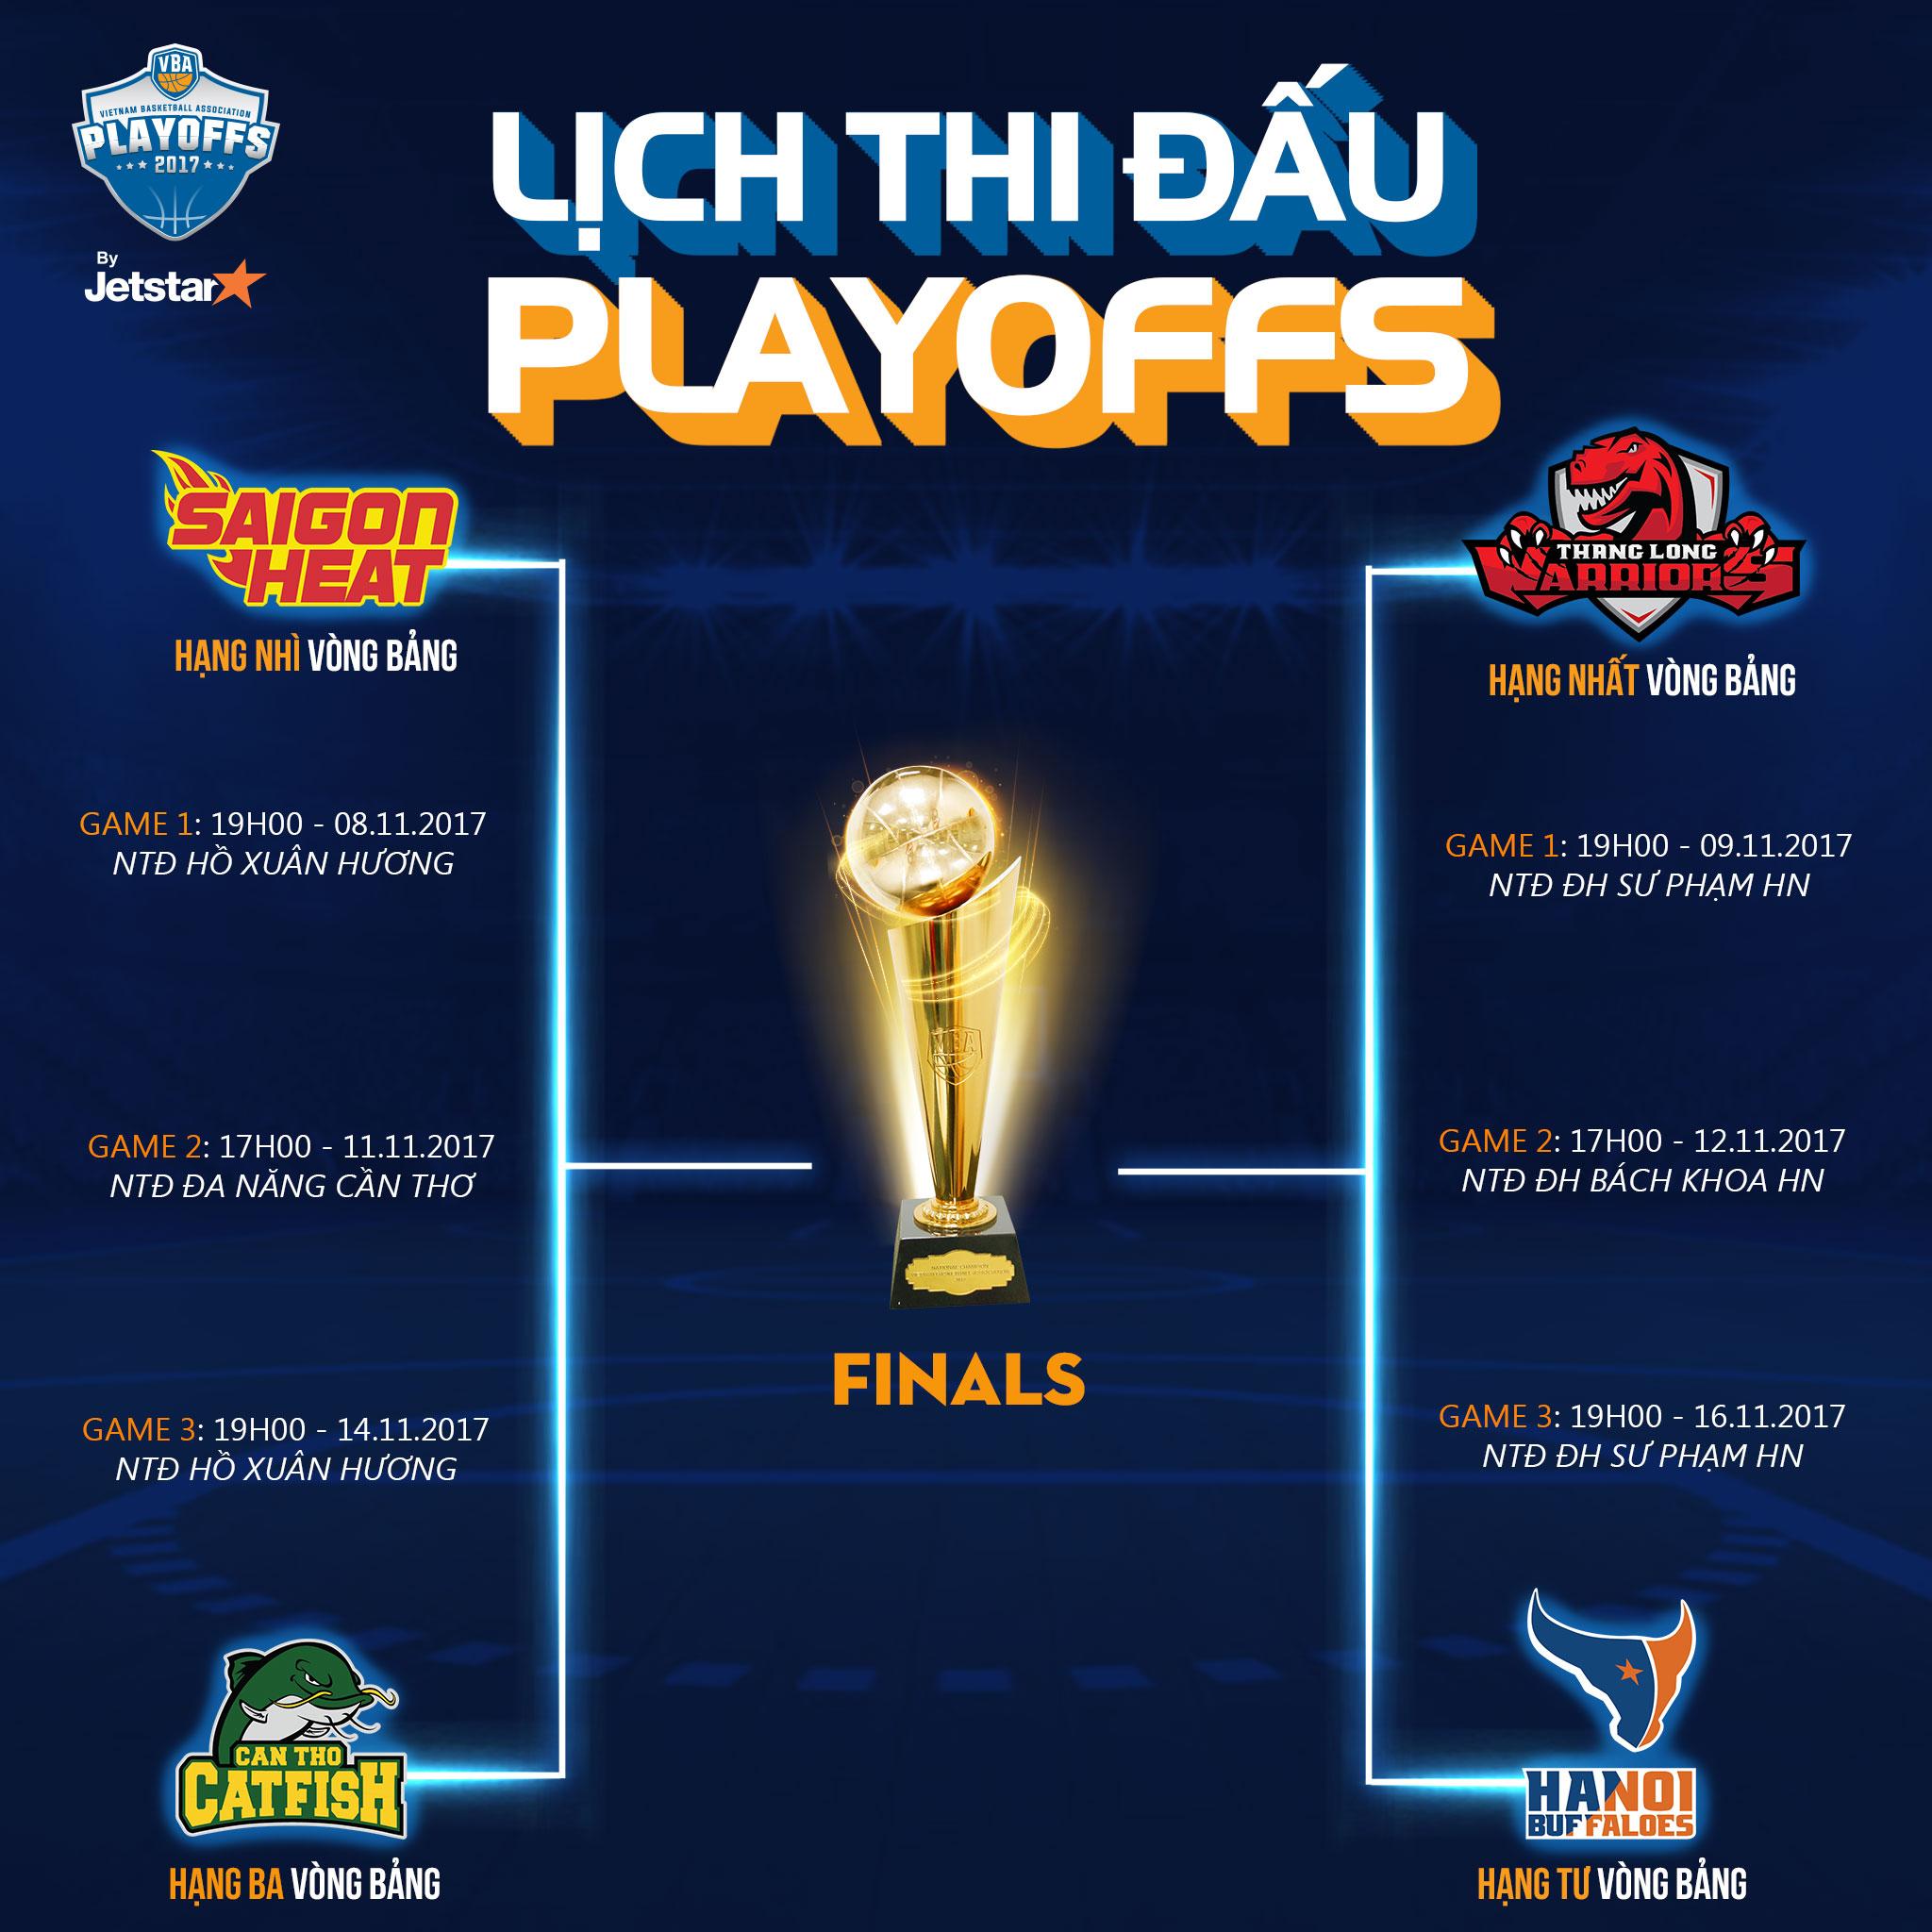 VBA Play-offs schedule